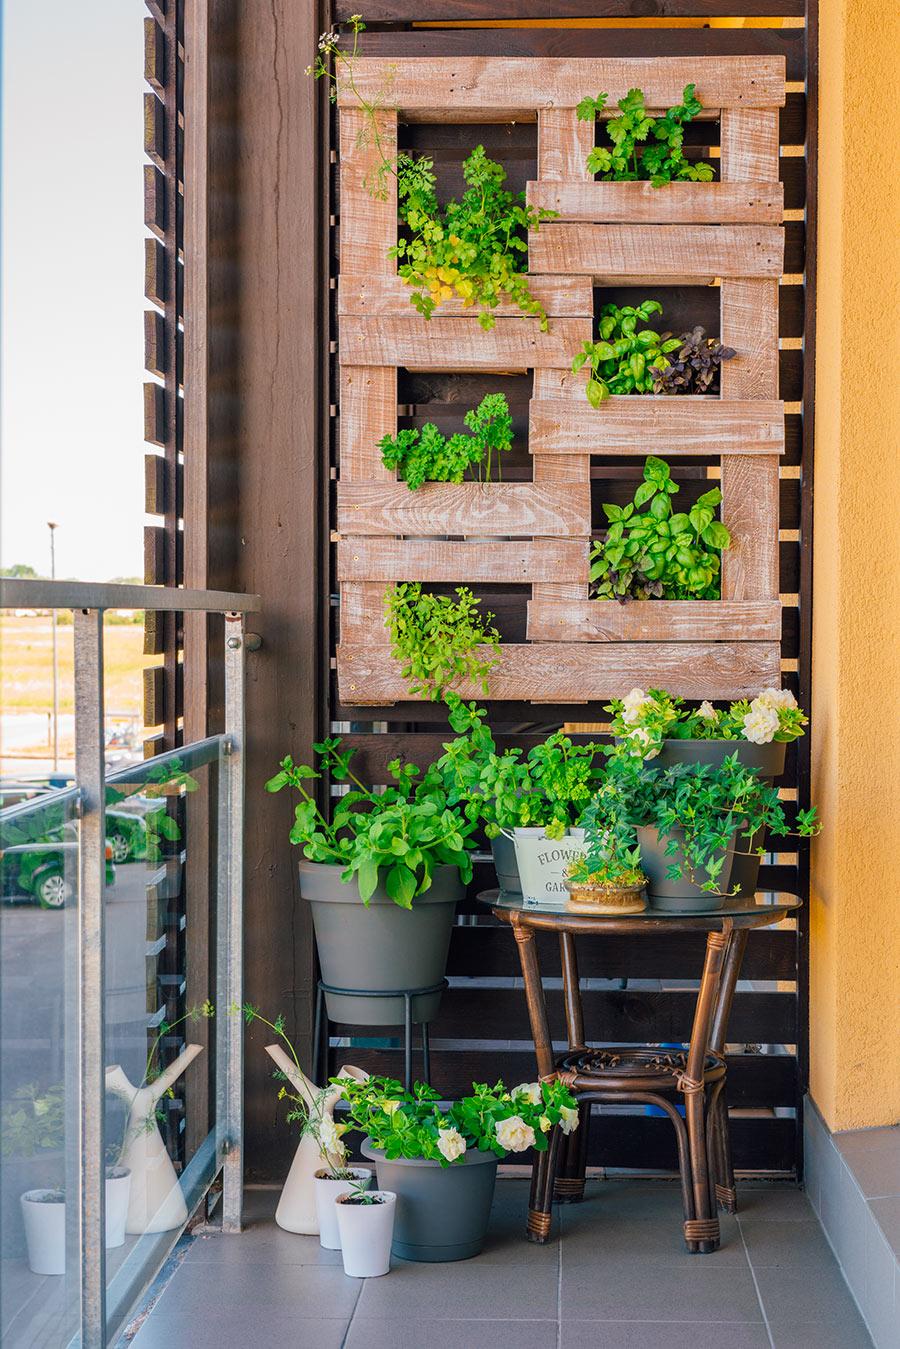 Giardino verticale sul balcone con piante aromatiche.